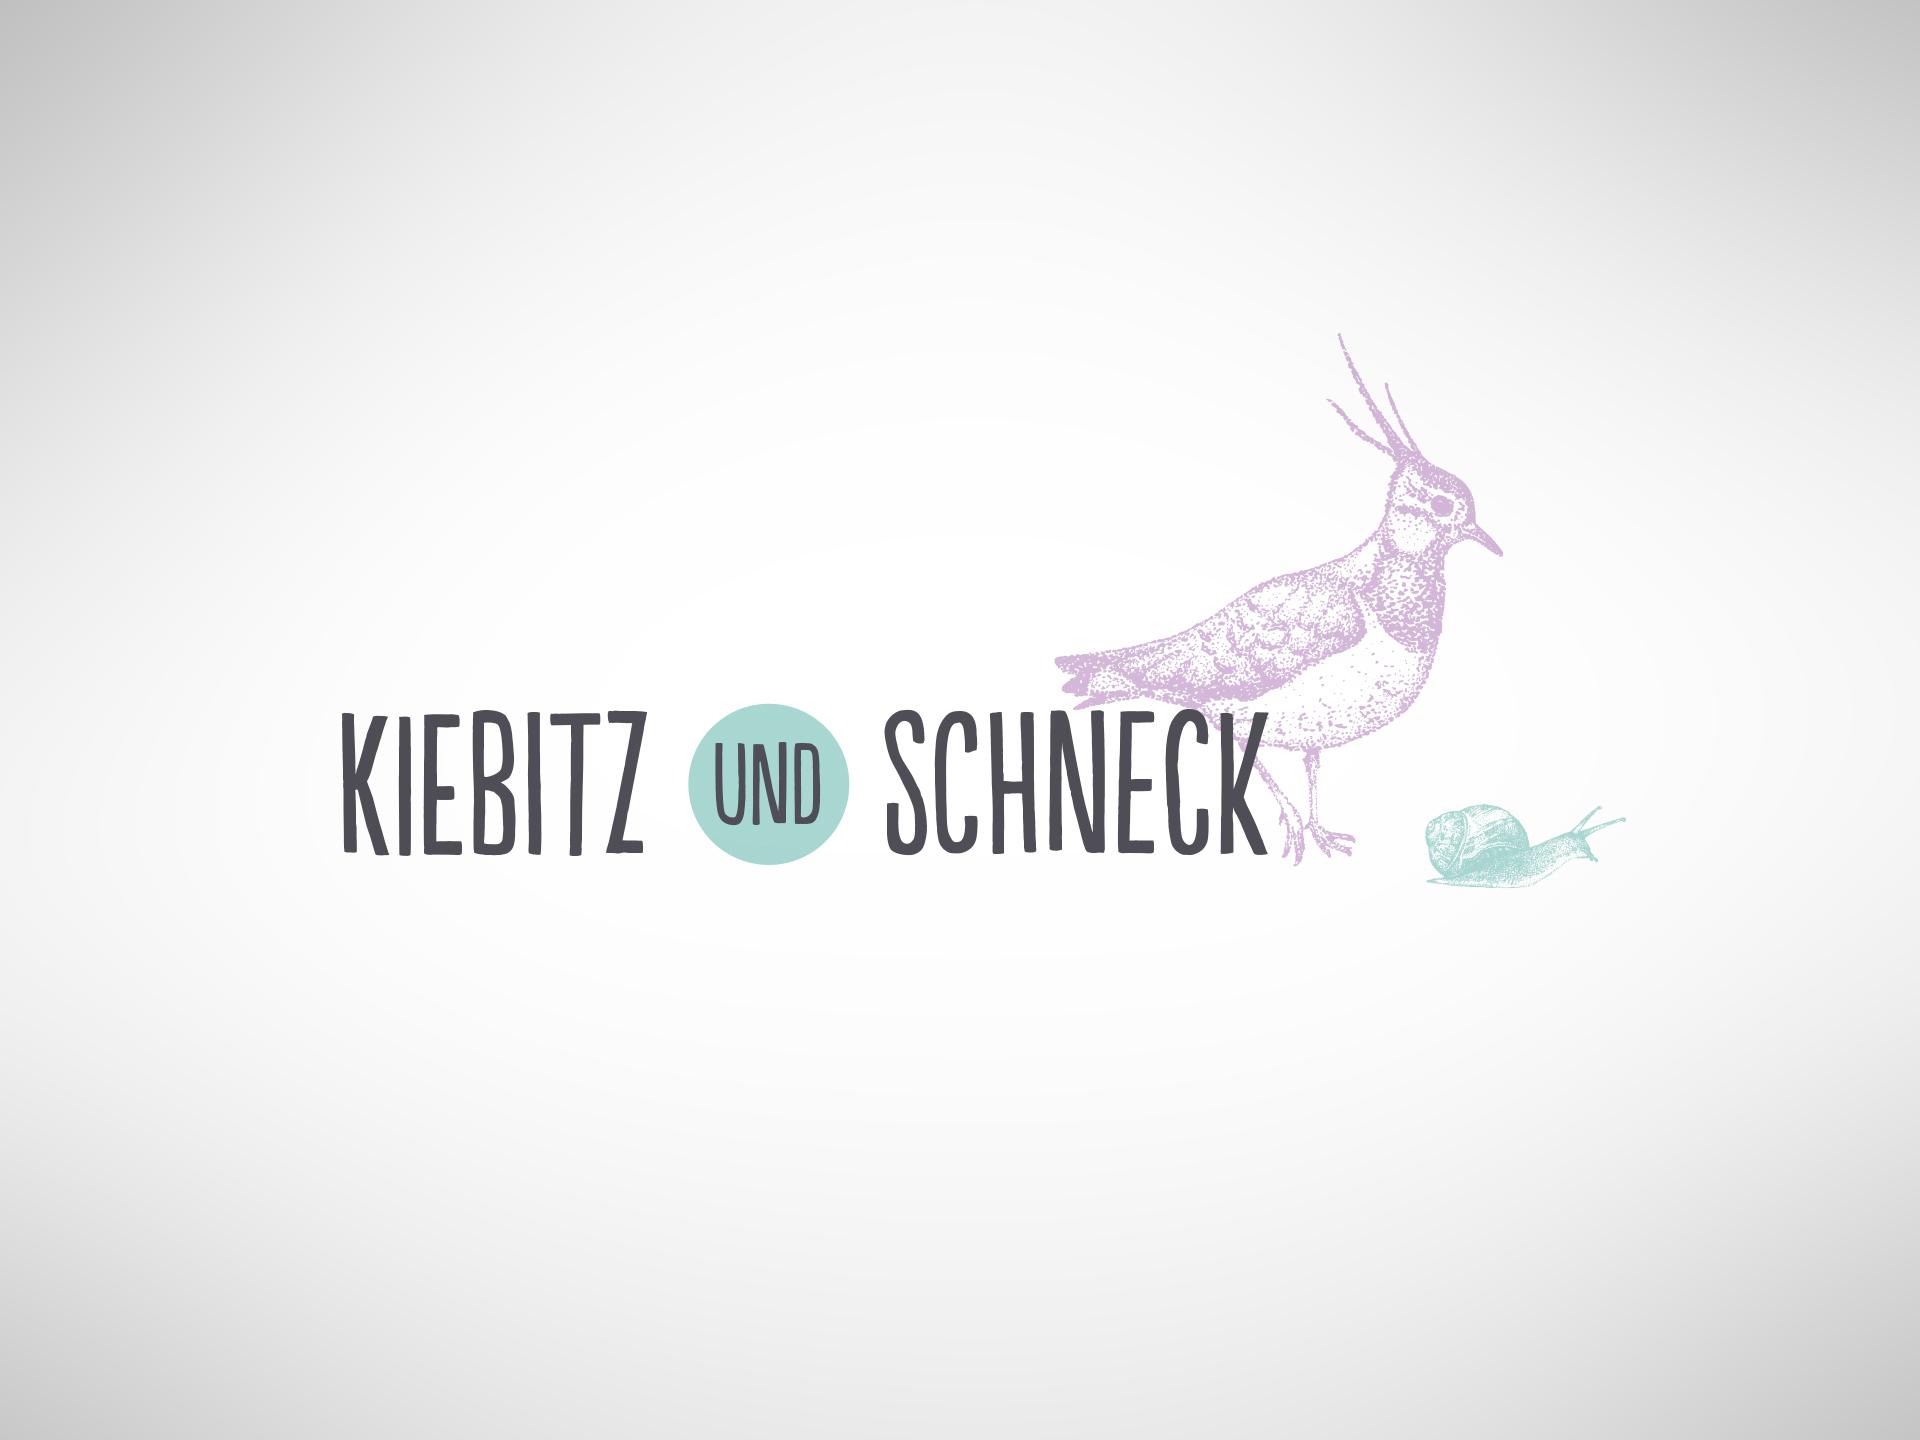 Kiebitz und schneck for Praktikum grafikdesign frankfurt